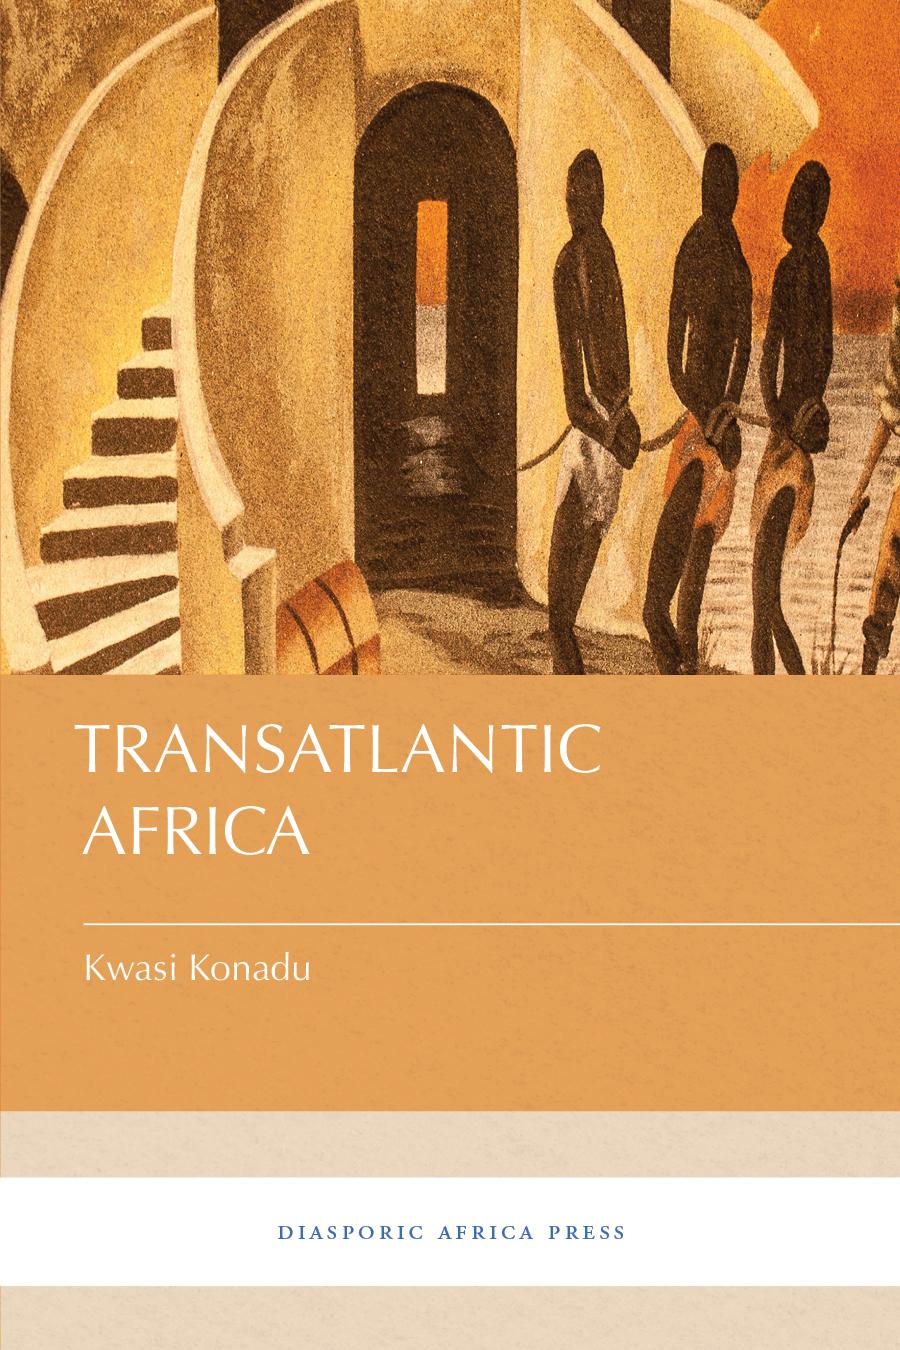 transatlantic-africa-cover.jpg